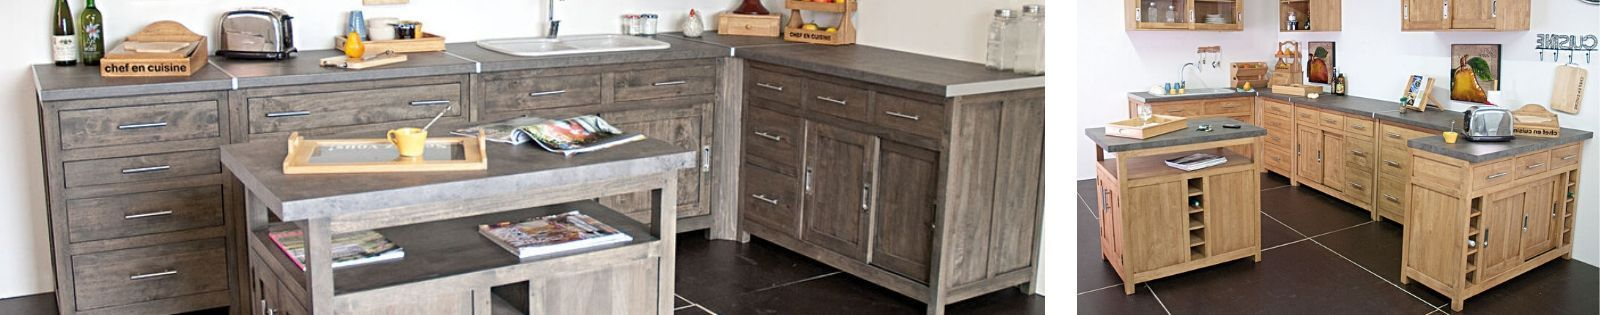 Meubles de cuisine : meubles de très bonne qualité. Haut de gamme.